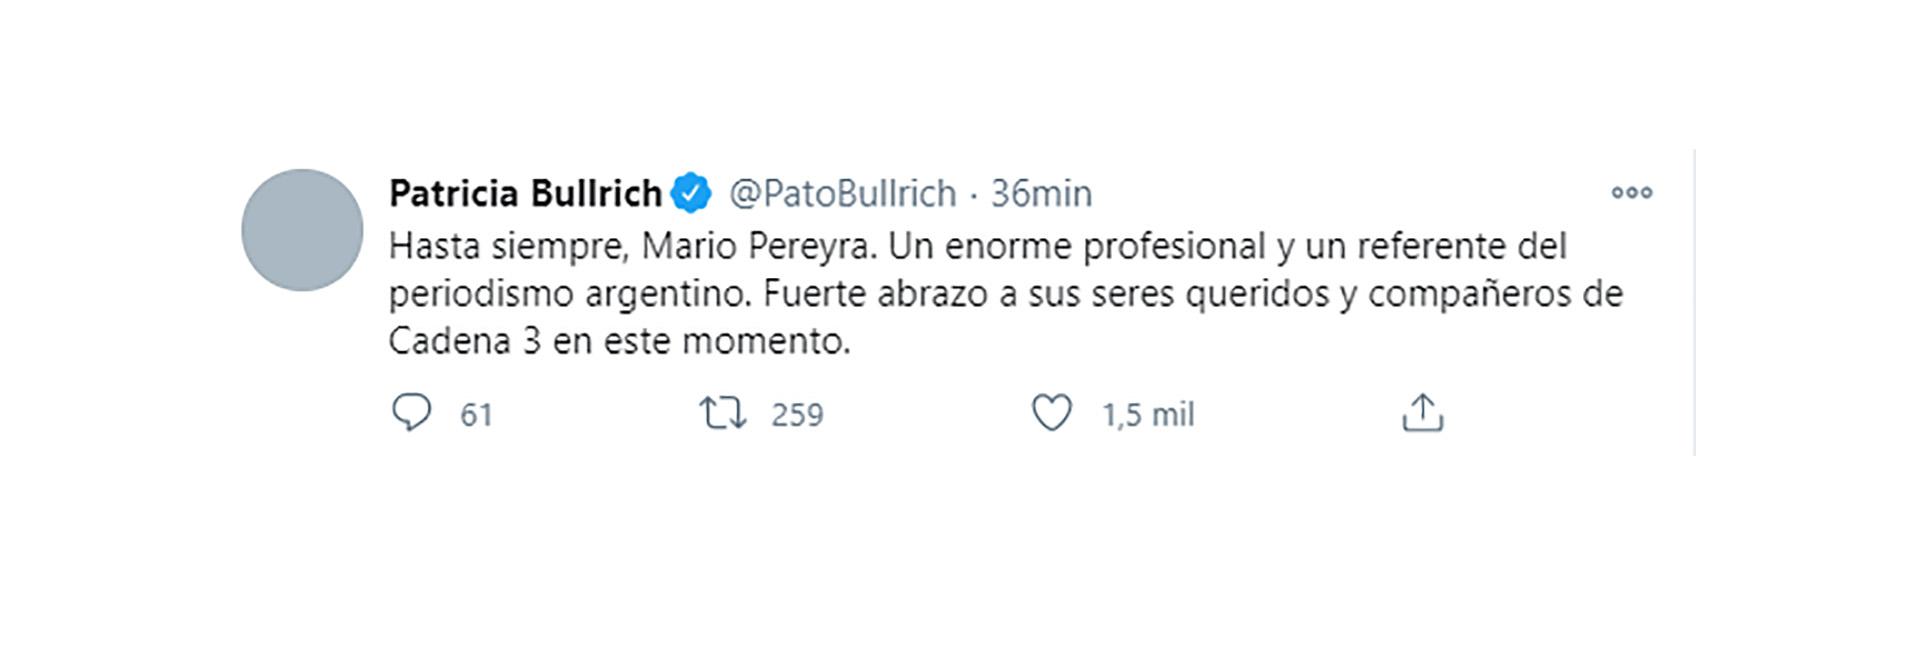 El mensaje de condolencias de Patricia Bullrich